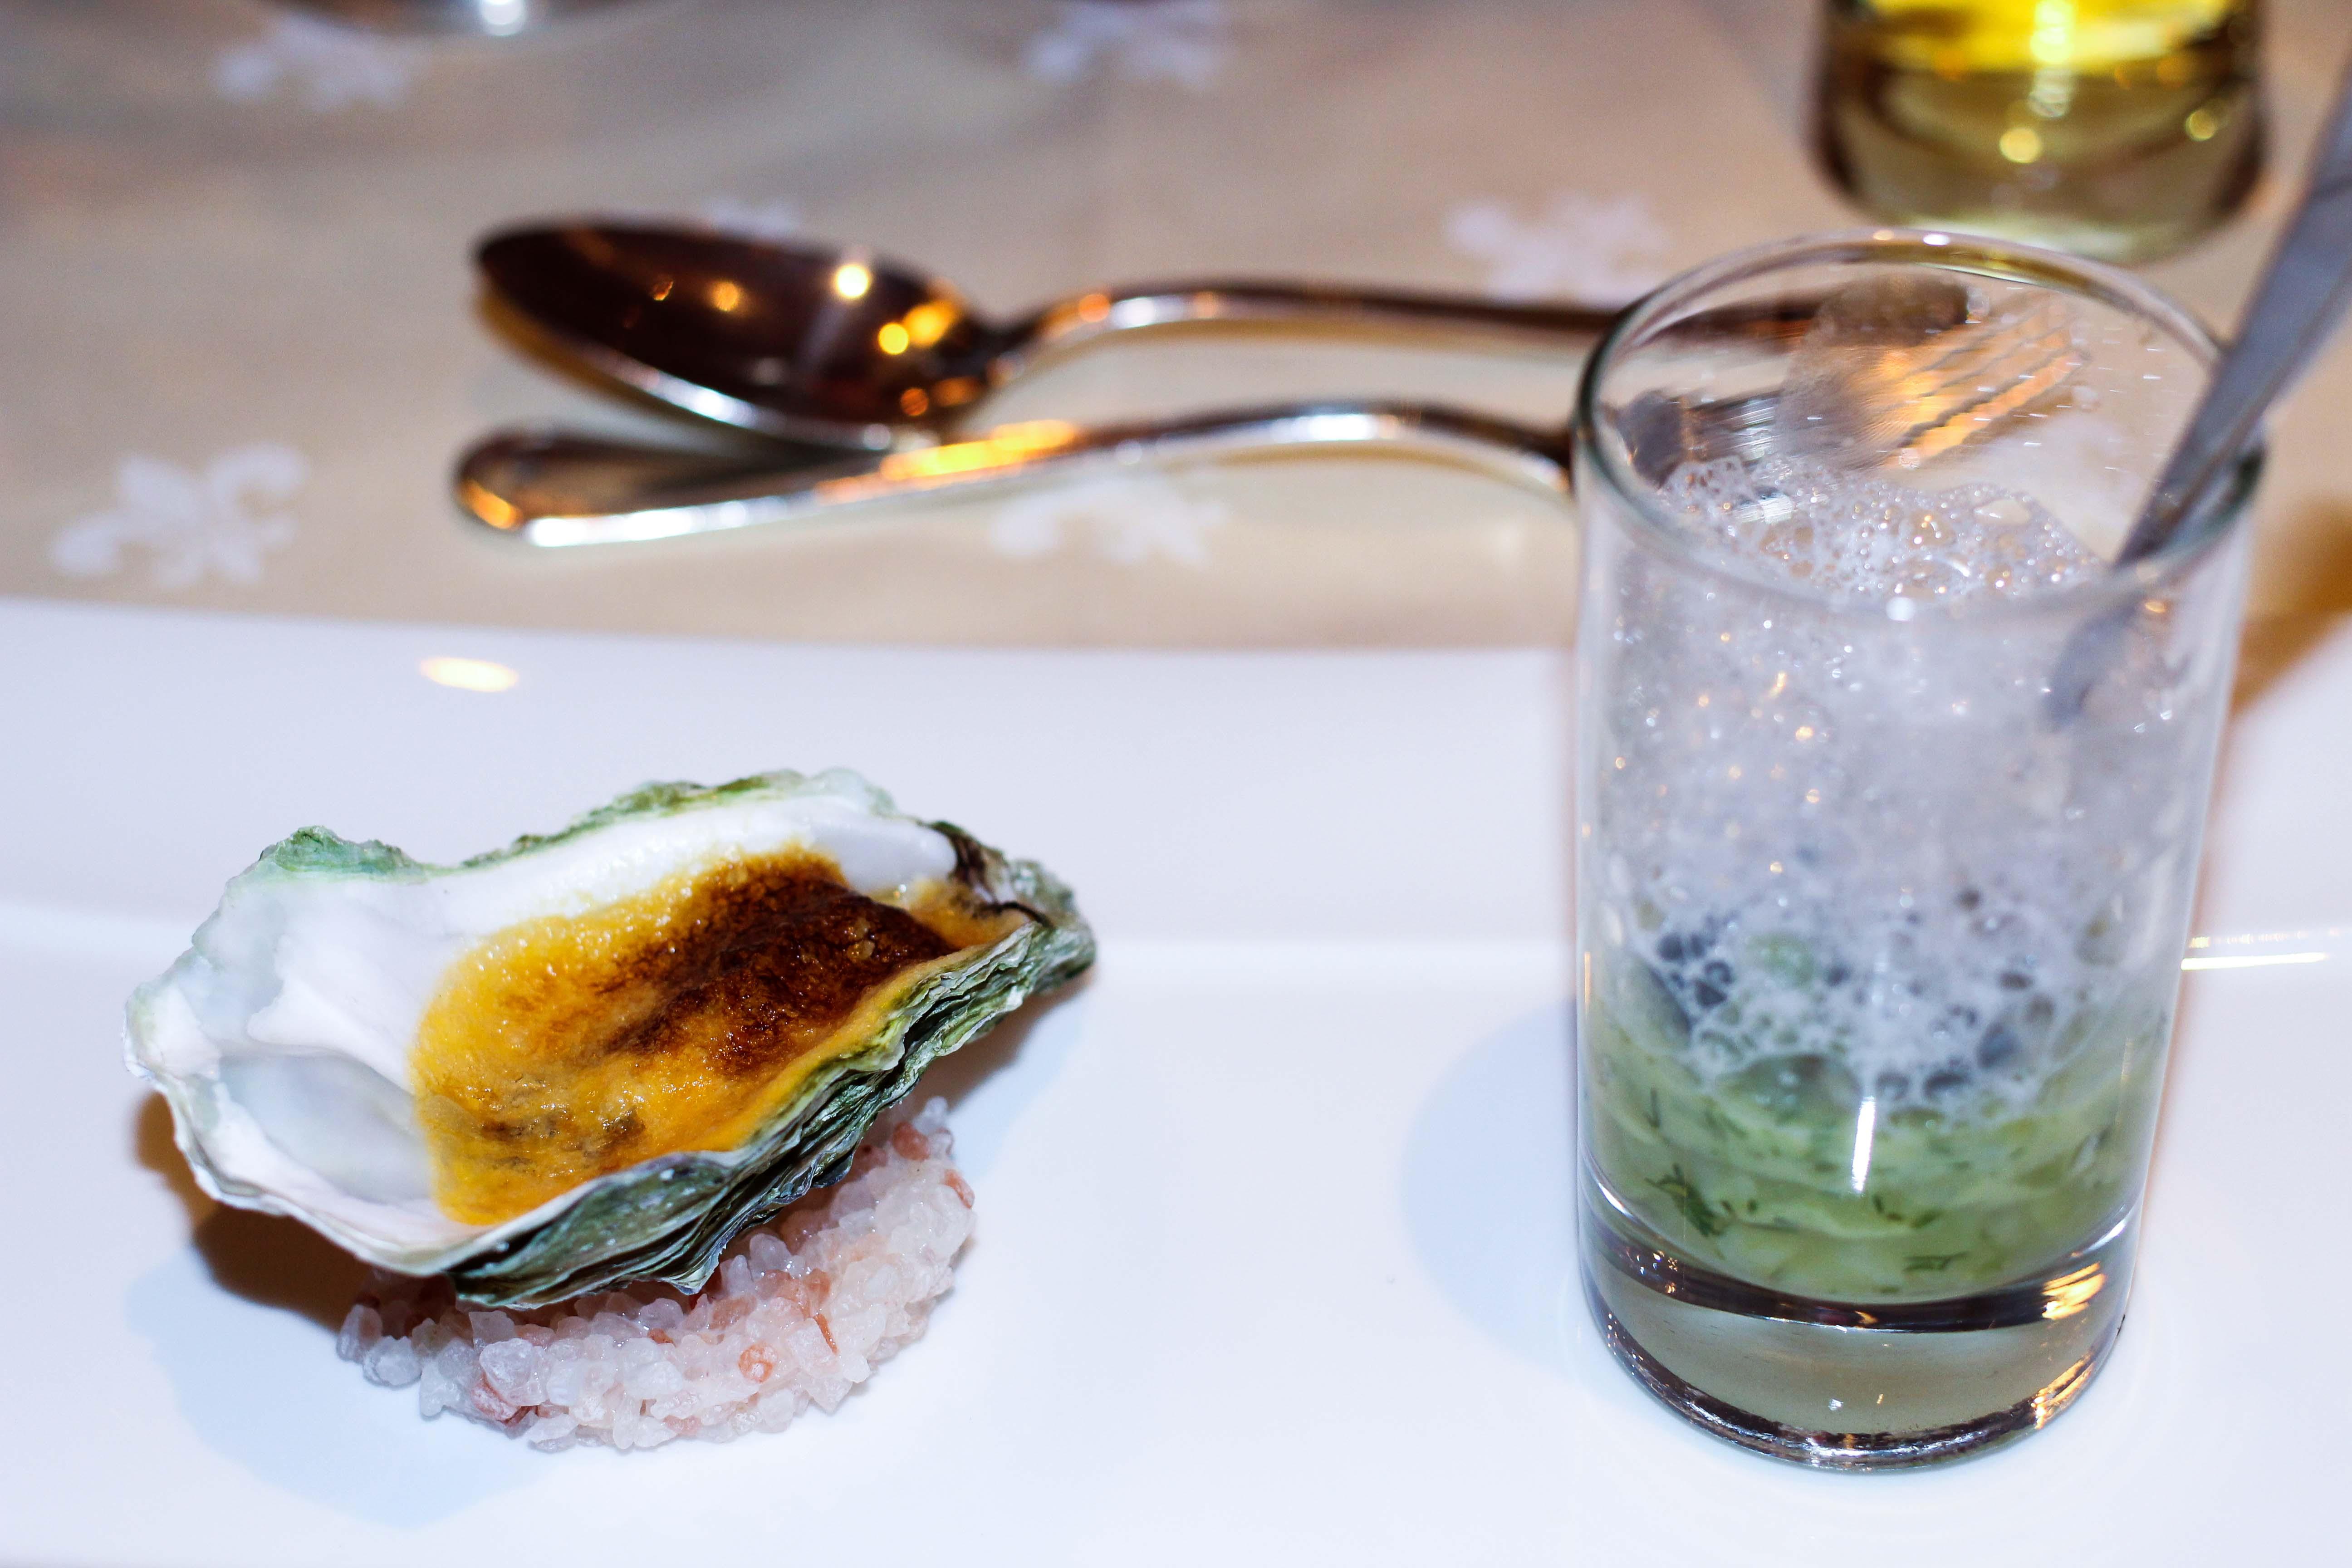 Gourmethotel Sölden 5 Gänge Dinner Auster Vorspeise Das Central Sölden Luxushotel Sölden Tirol Österreich Winterurlaub Reiseblog